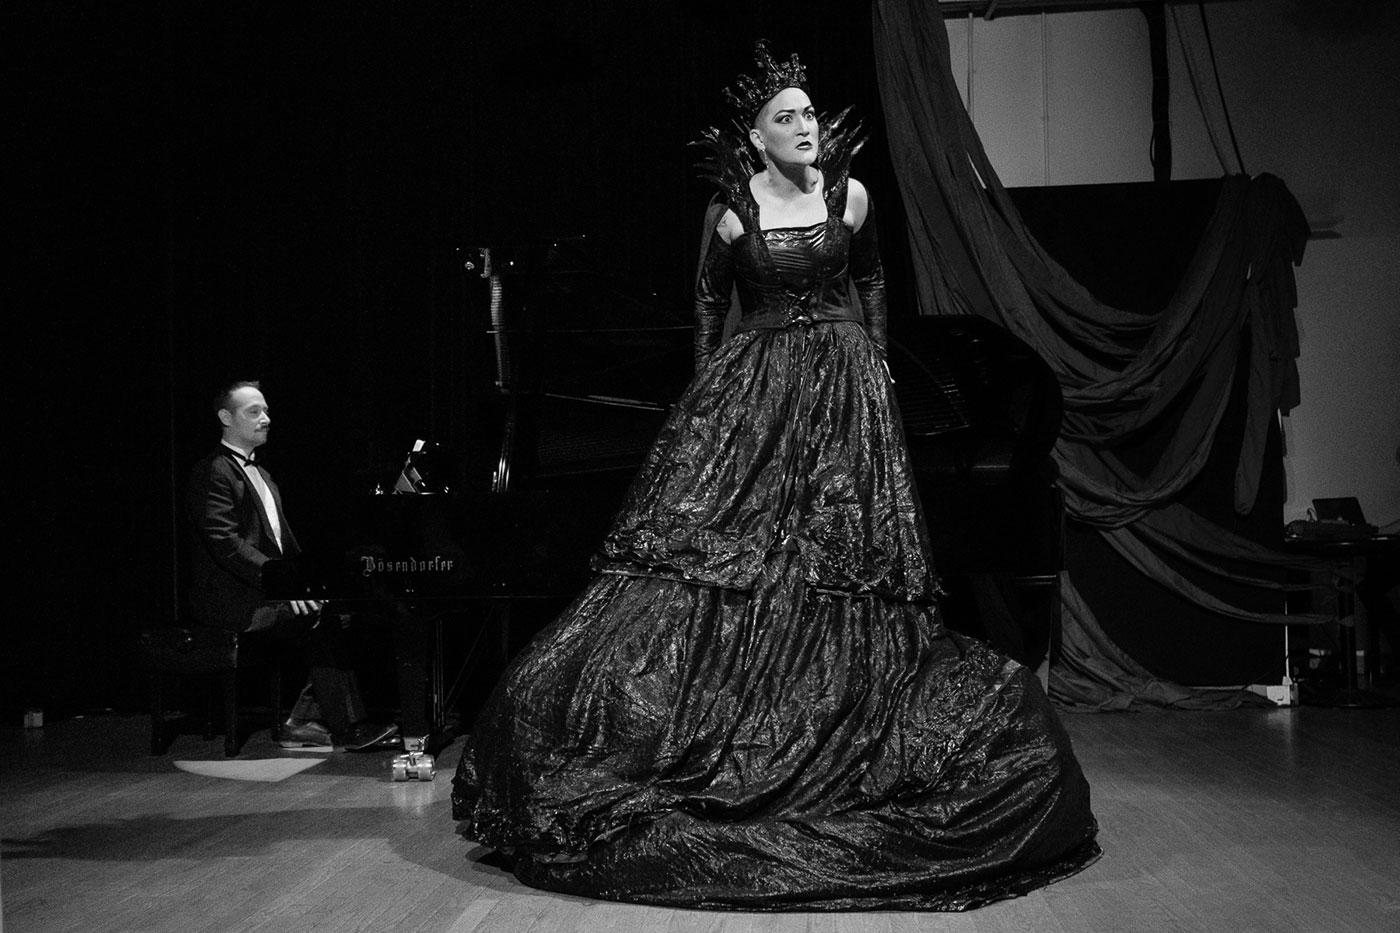 Opera singer Teiya Kasahara performs in Amplified Opera's debut concert series Amplify